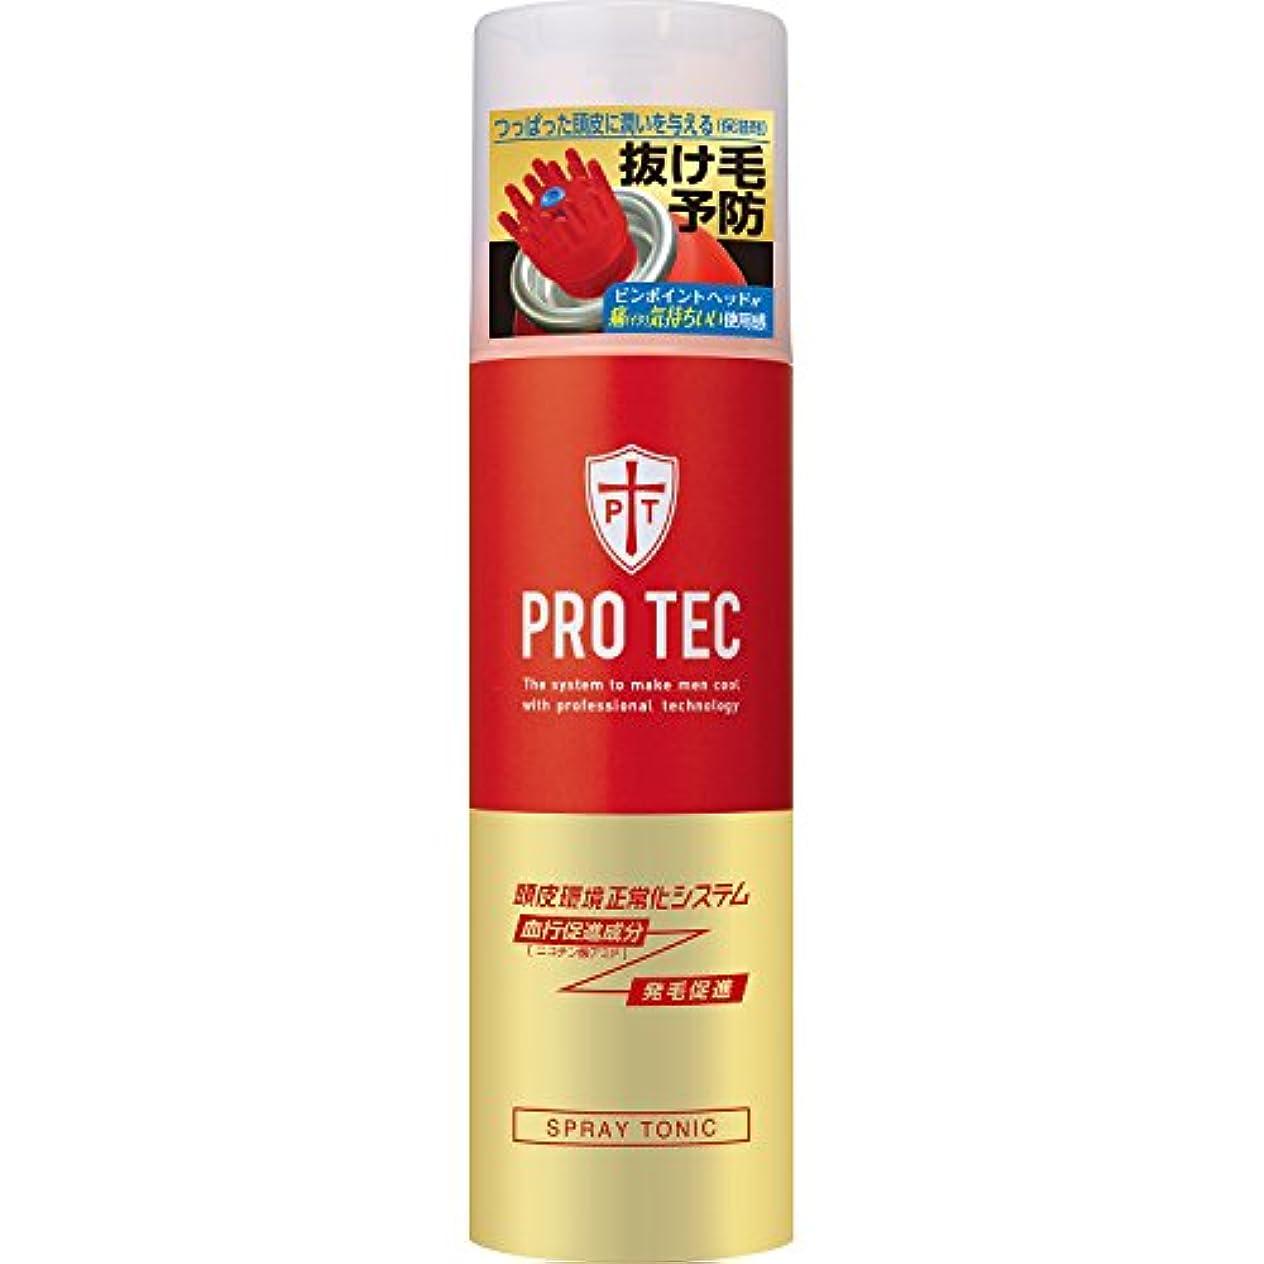 織機スライス合金PRO TEC(プロテク) スプレートニック 150g(医薬部外品)